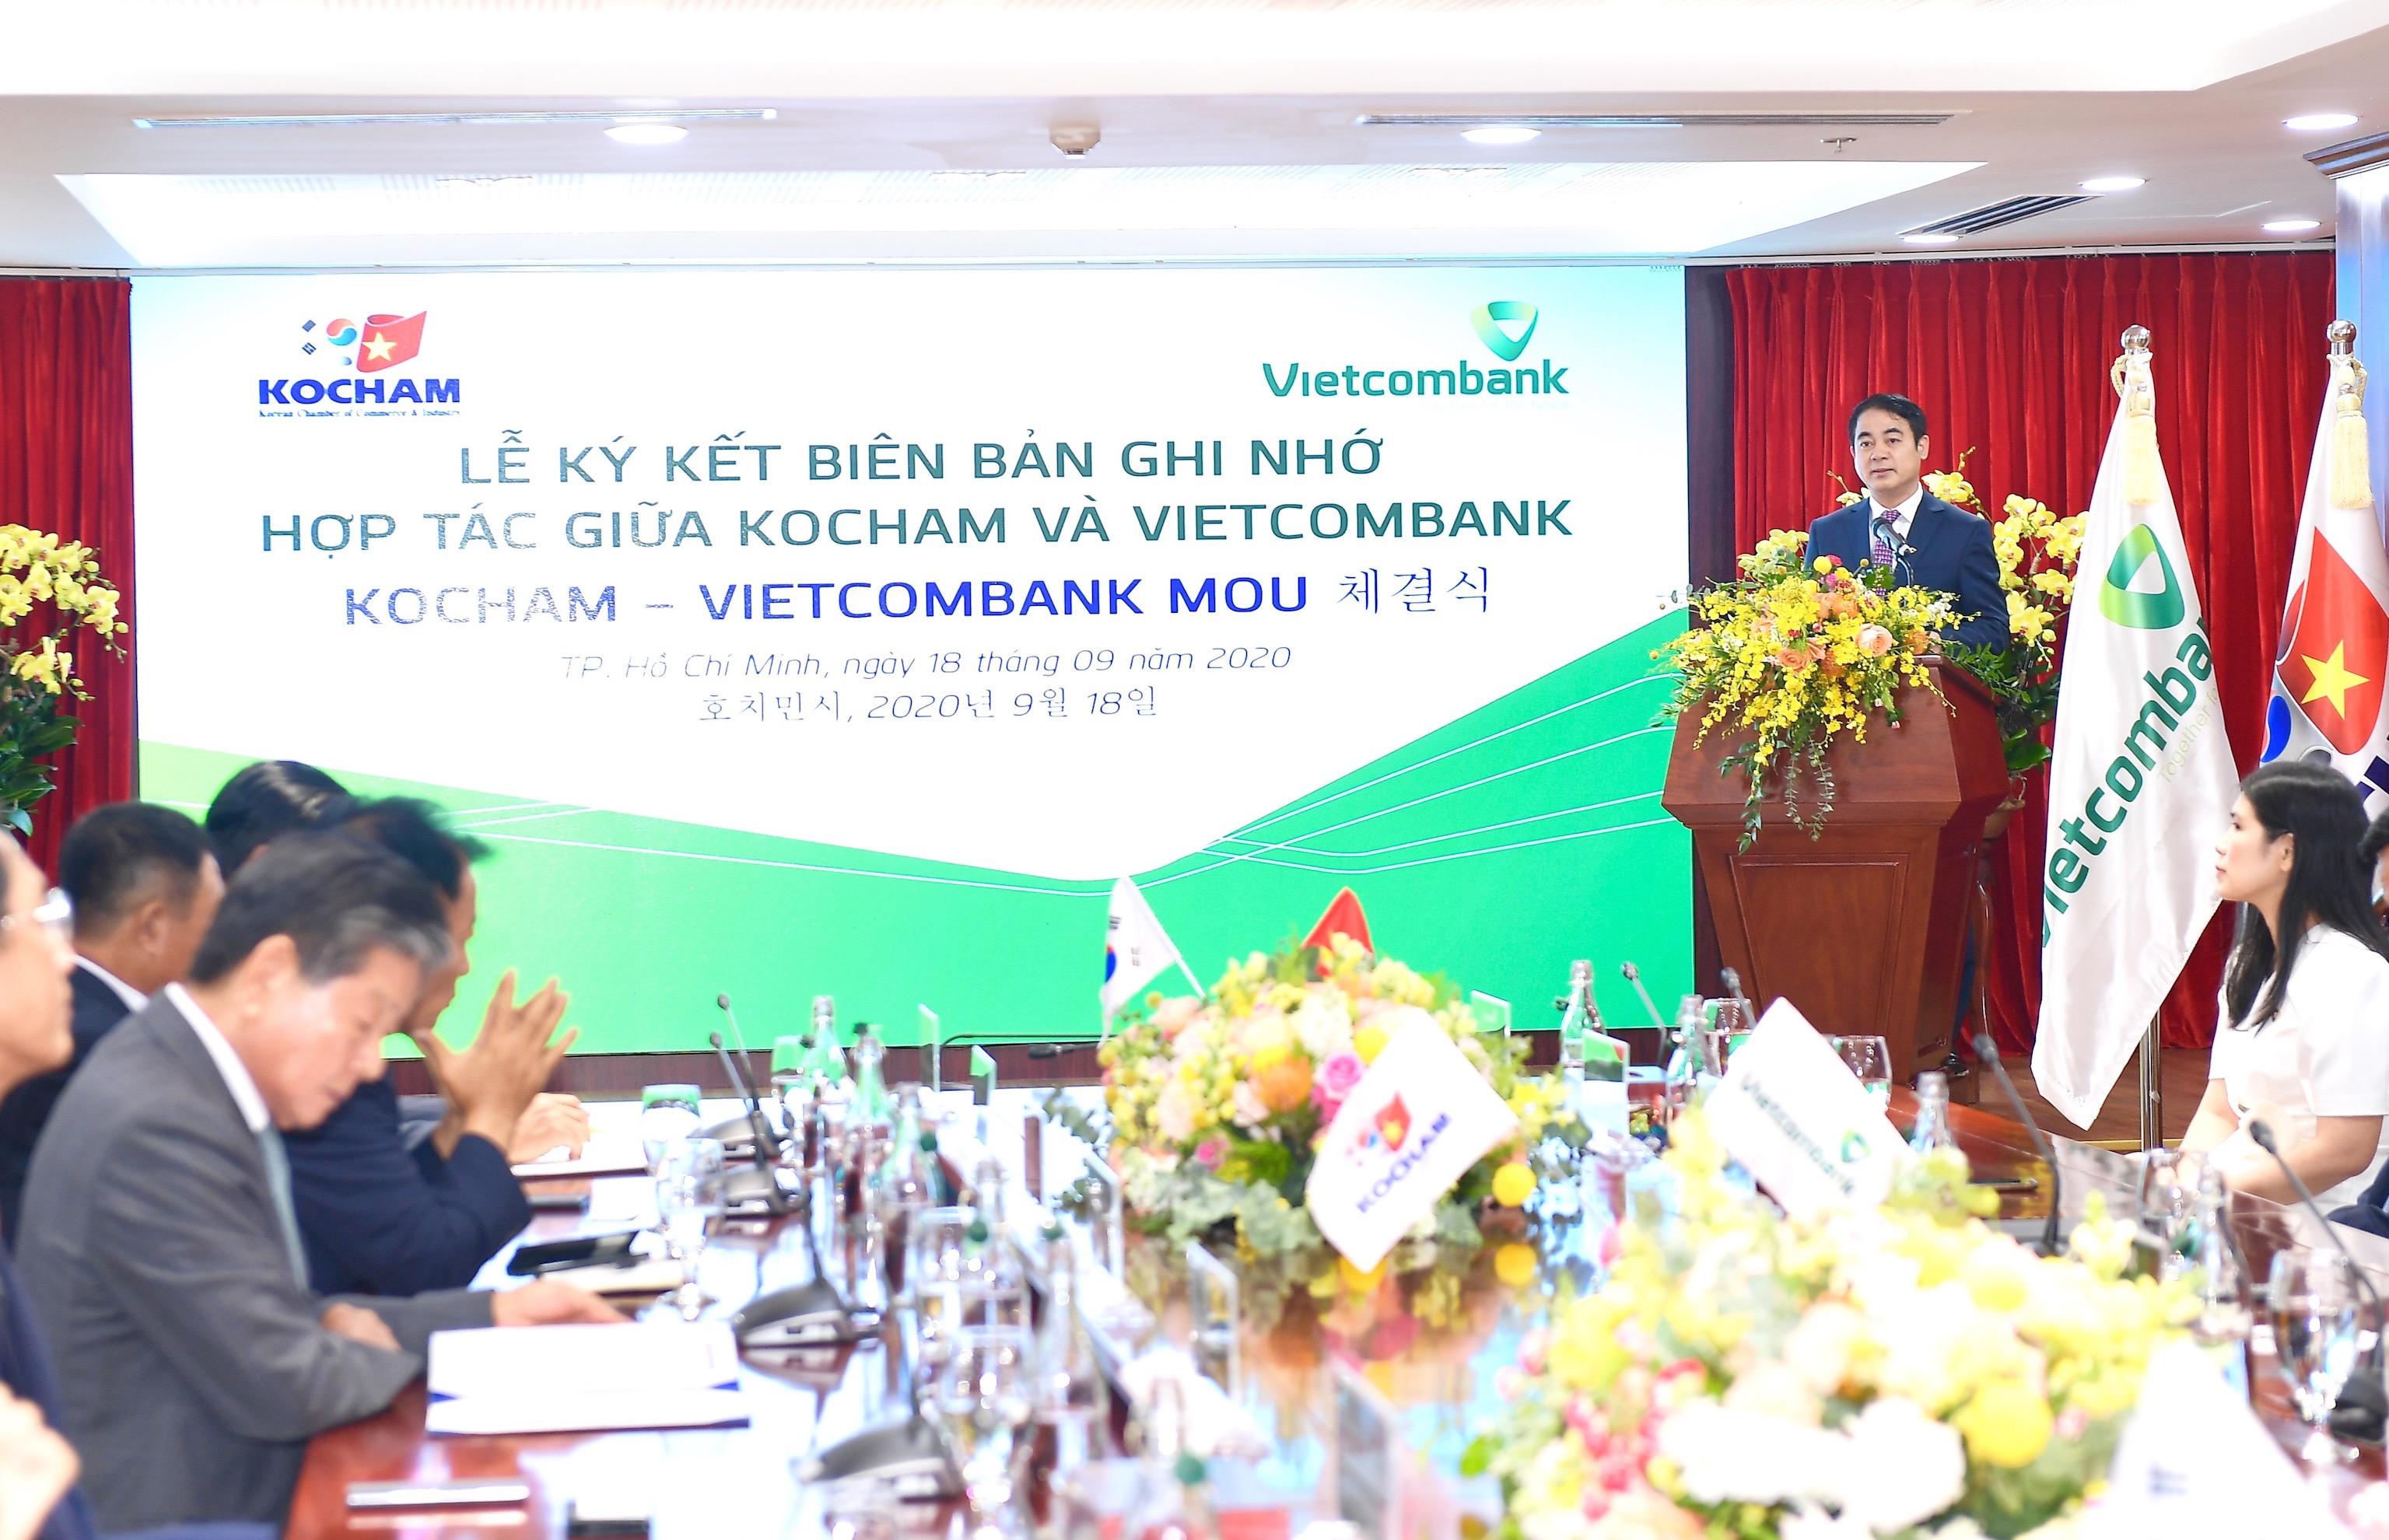 Lễ ký kết Biên bản ghi nhớ hợp tác giữa Vietcombank và Kocham - Ảnh 1